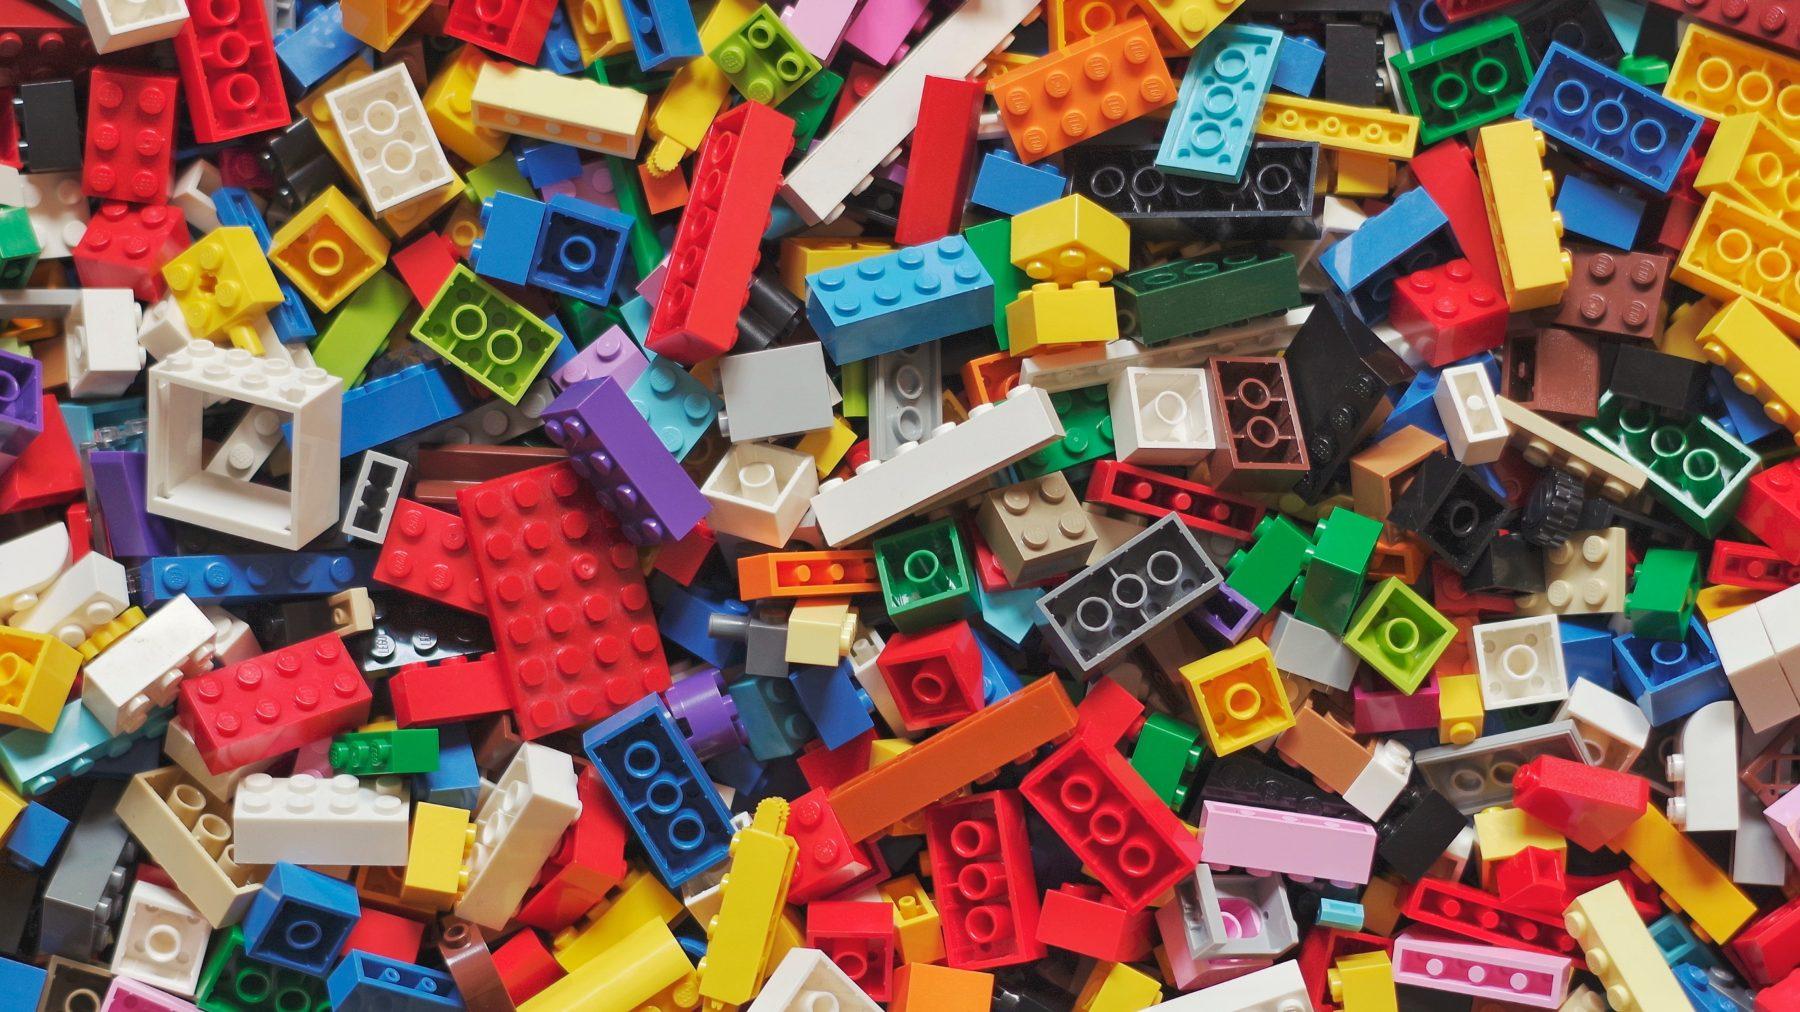 speelgoedwinkels